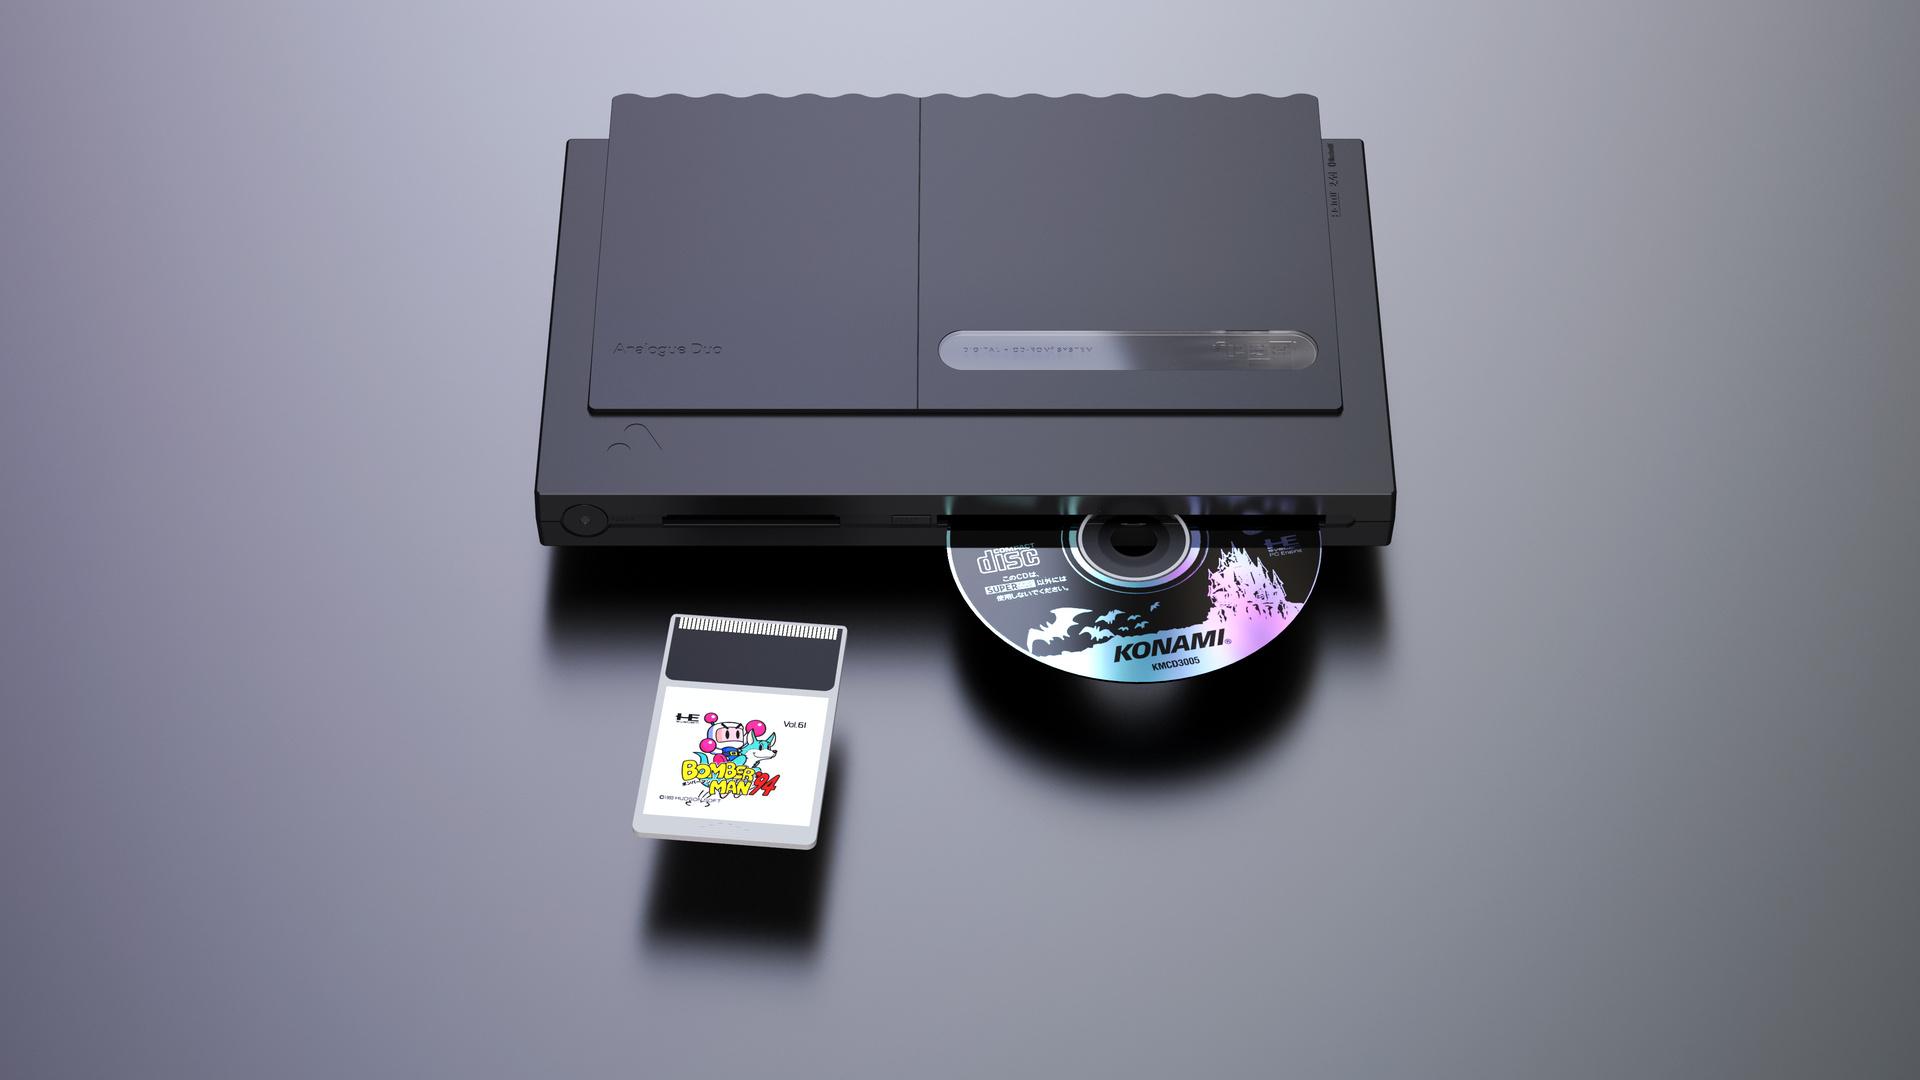 高級PCエンジン互換機 Analogue Duo発表。ほぼ全機種のカード・ディスク対応 - Engadget 日本版